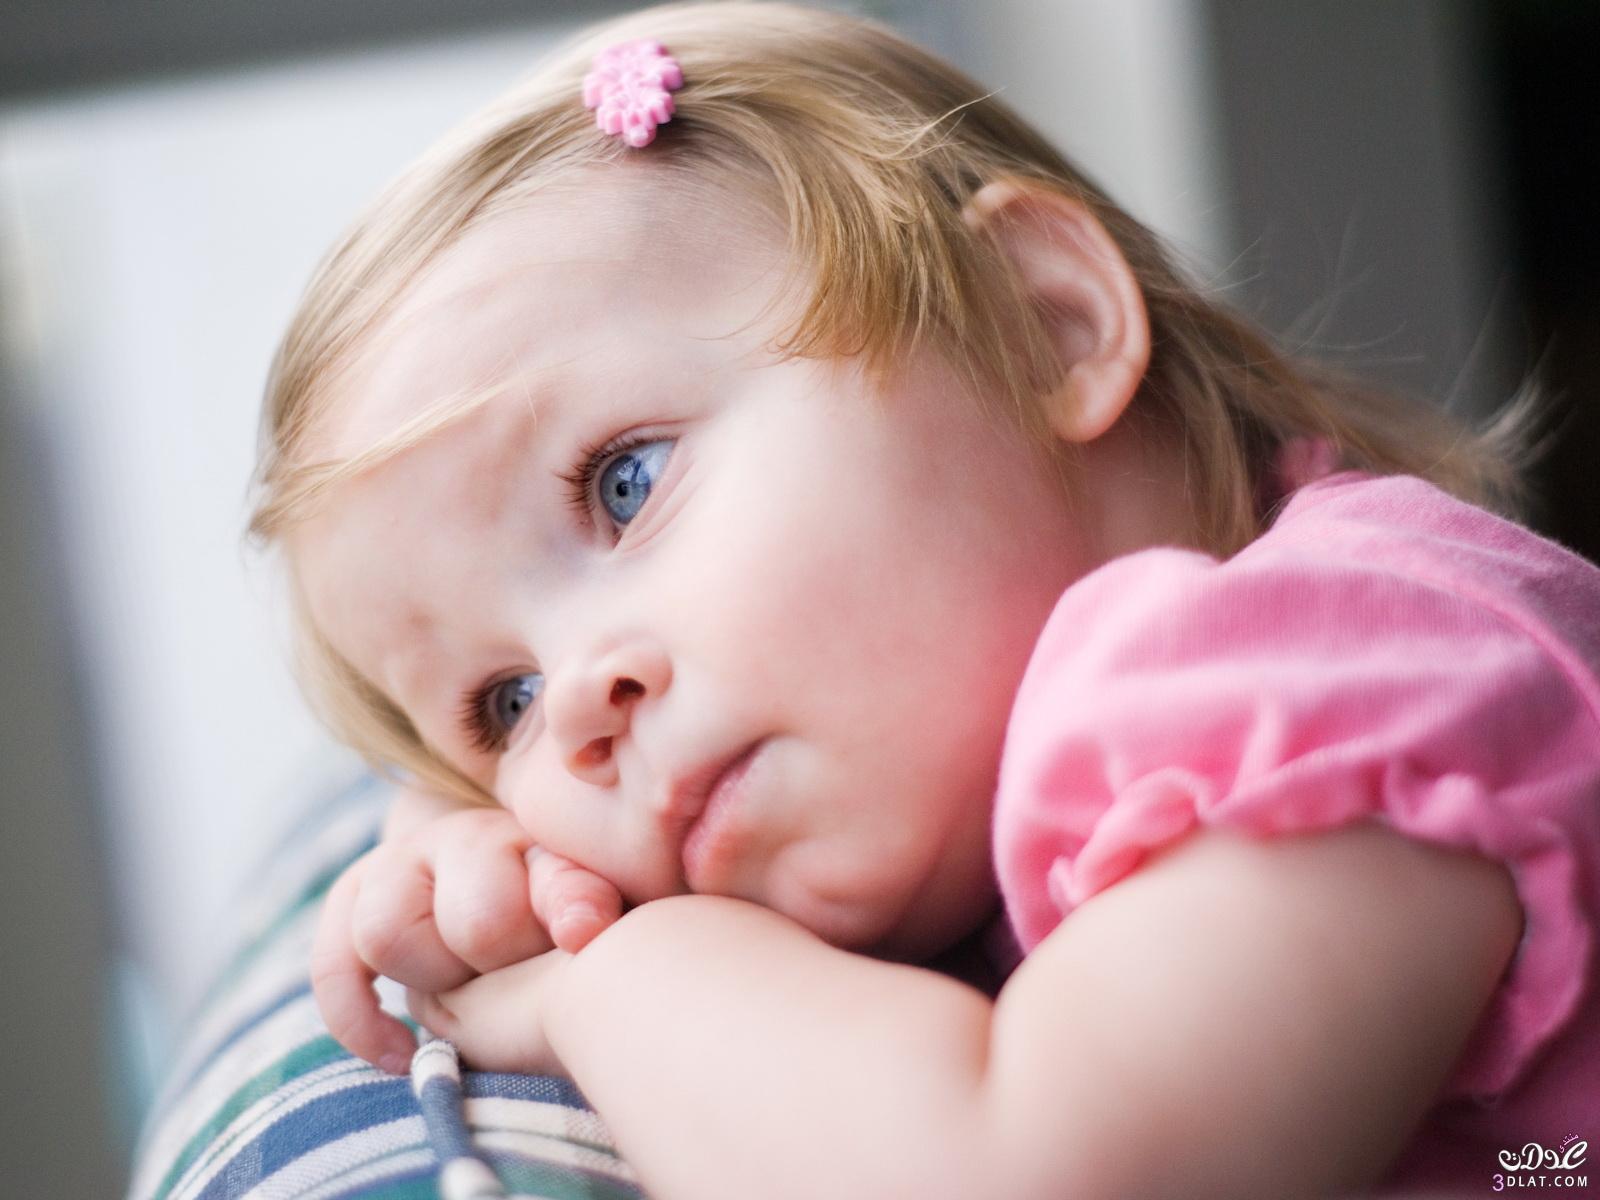 اجمل 10 صور اطفال لطفاء